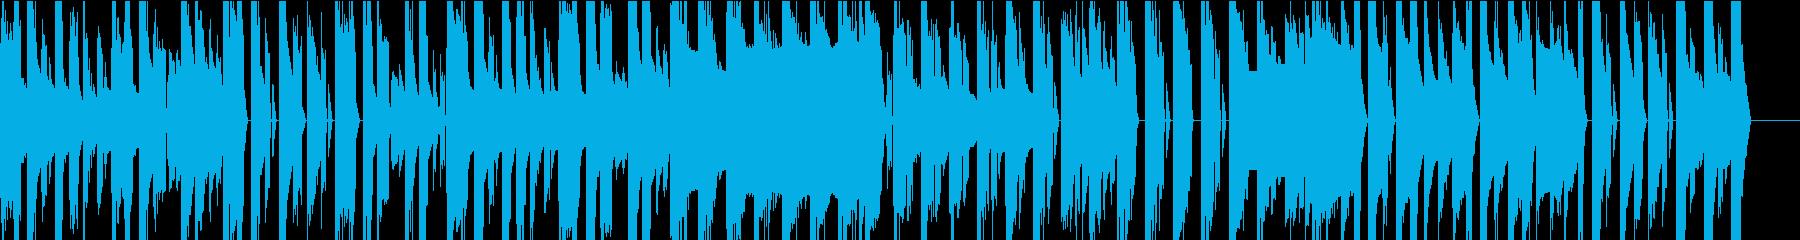 チップチューンのコミカルなオープニング曲の再生済みの波形